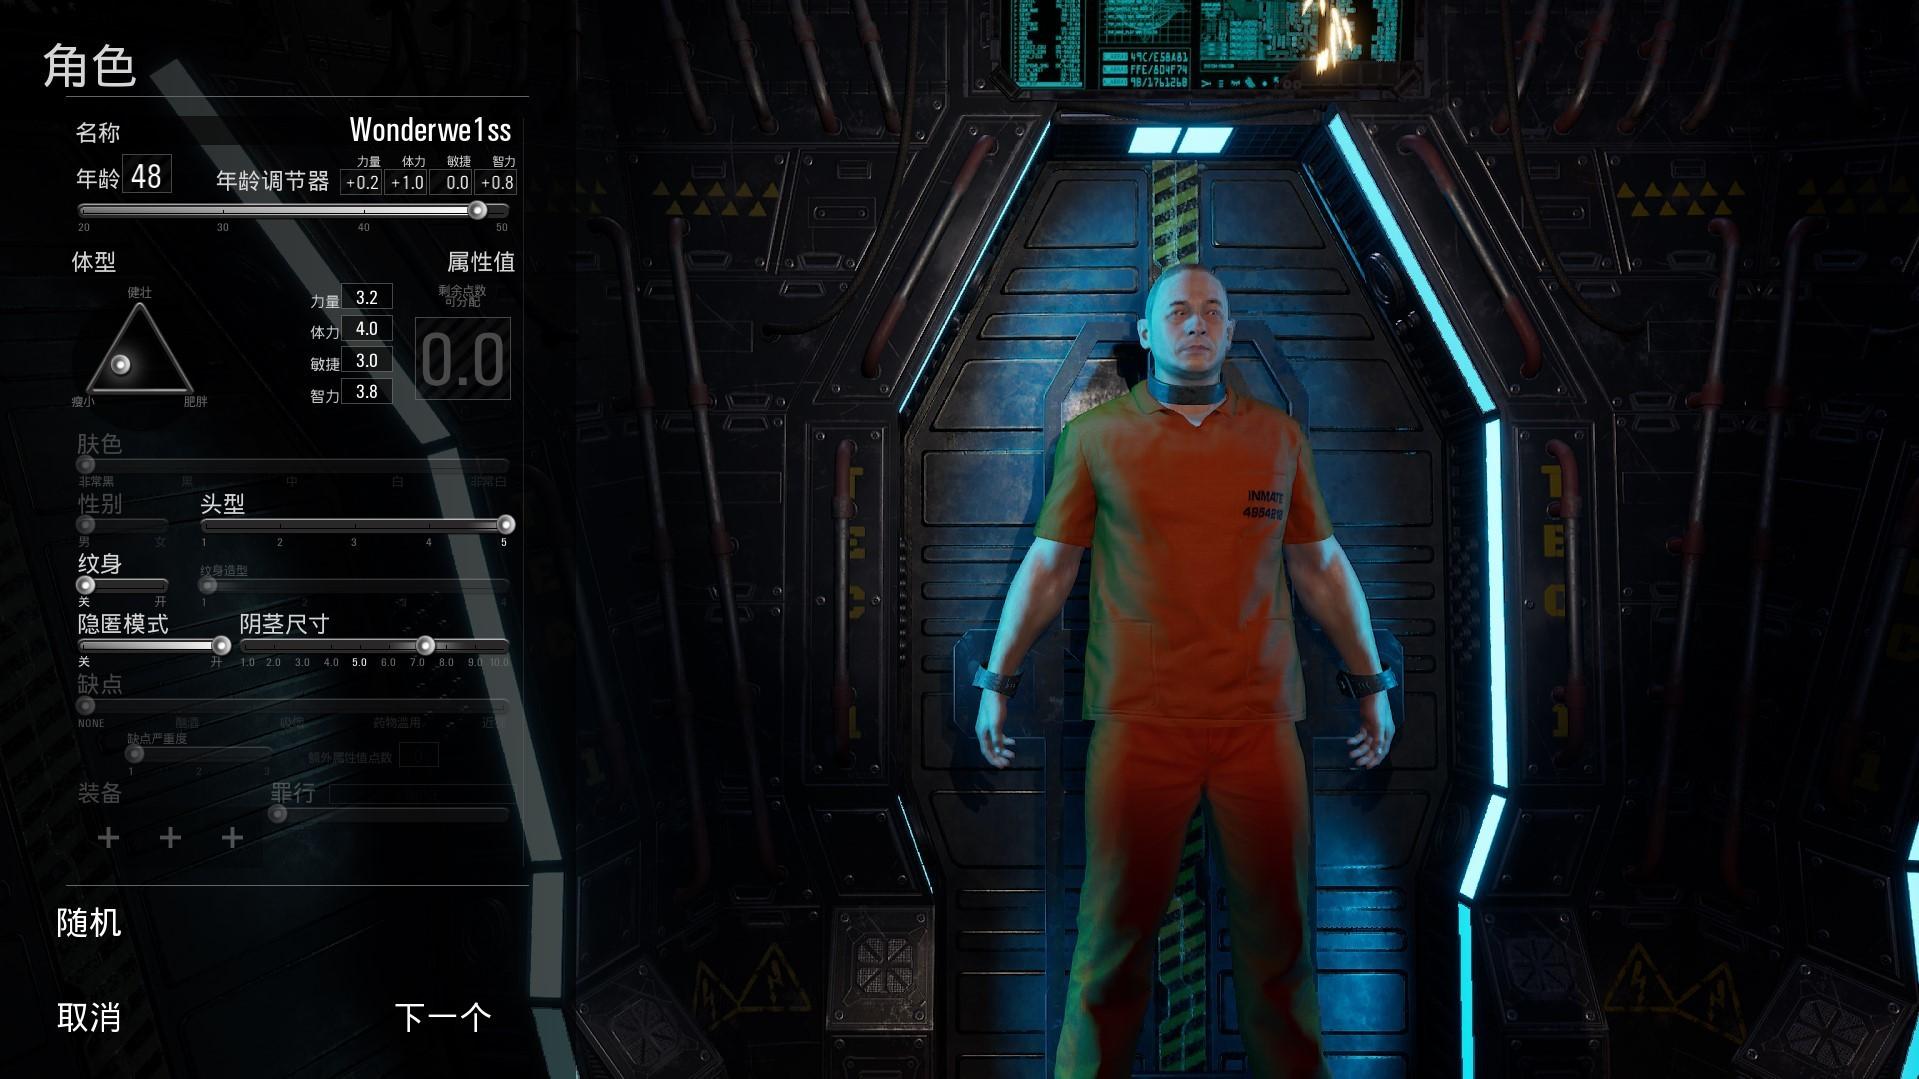 《人渣》新版本更新加入全裸身体 支持简体中文